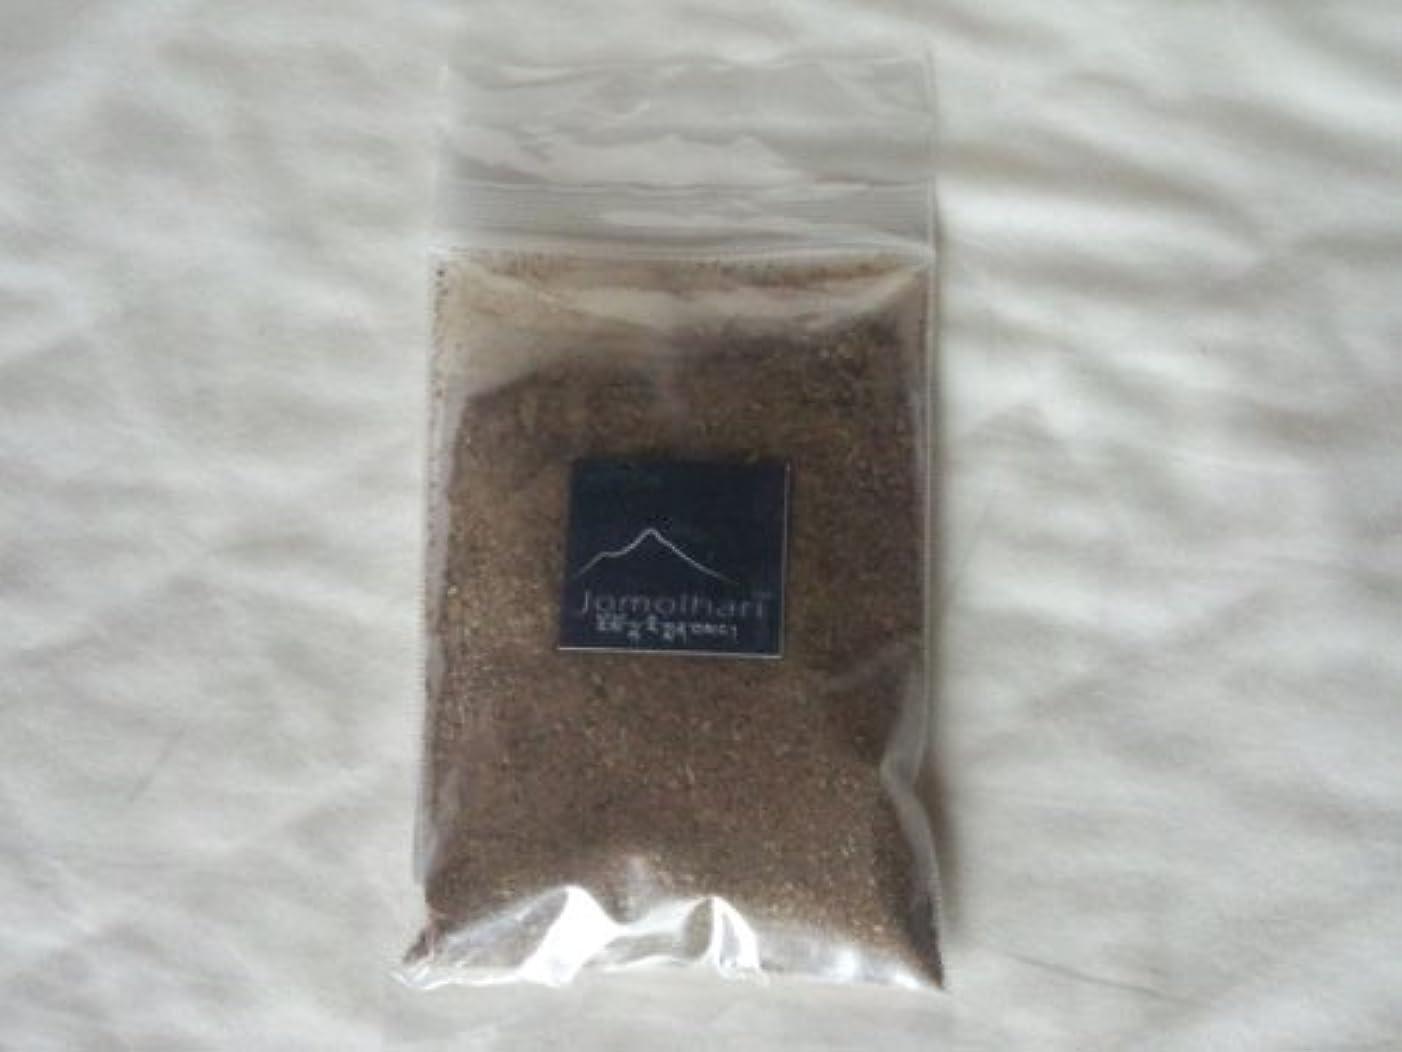 ロバ最初にソフトウェアチミ香/ジョモラリ(パウダーインセンス)50g  Jomolhari - Powder